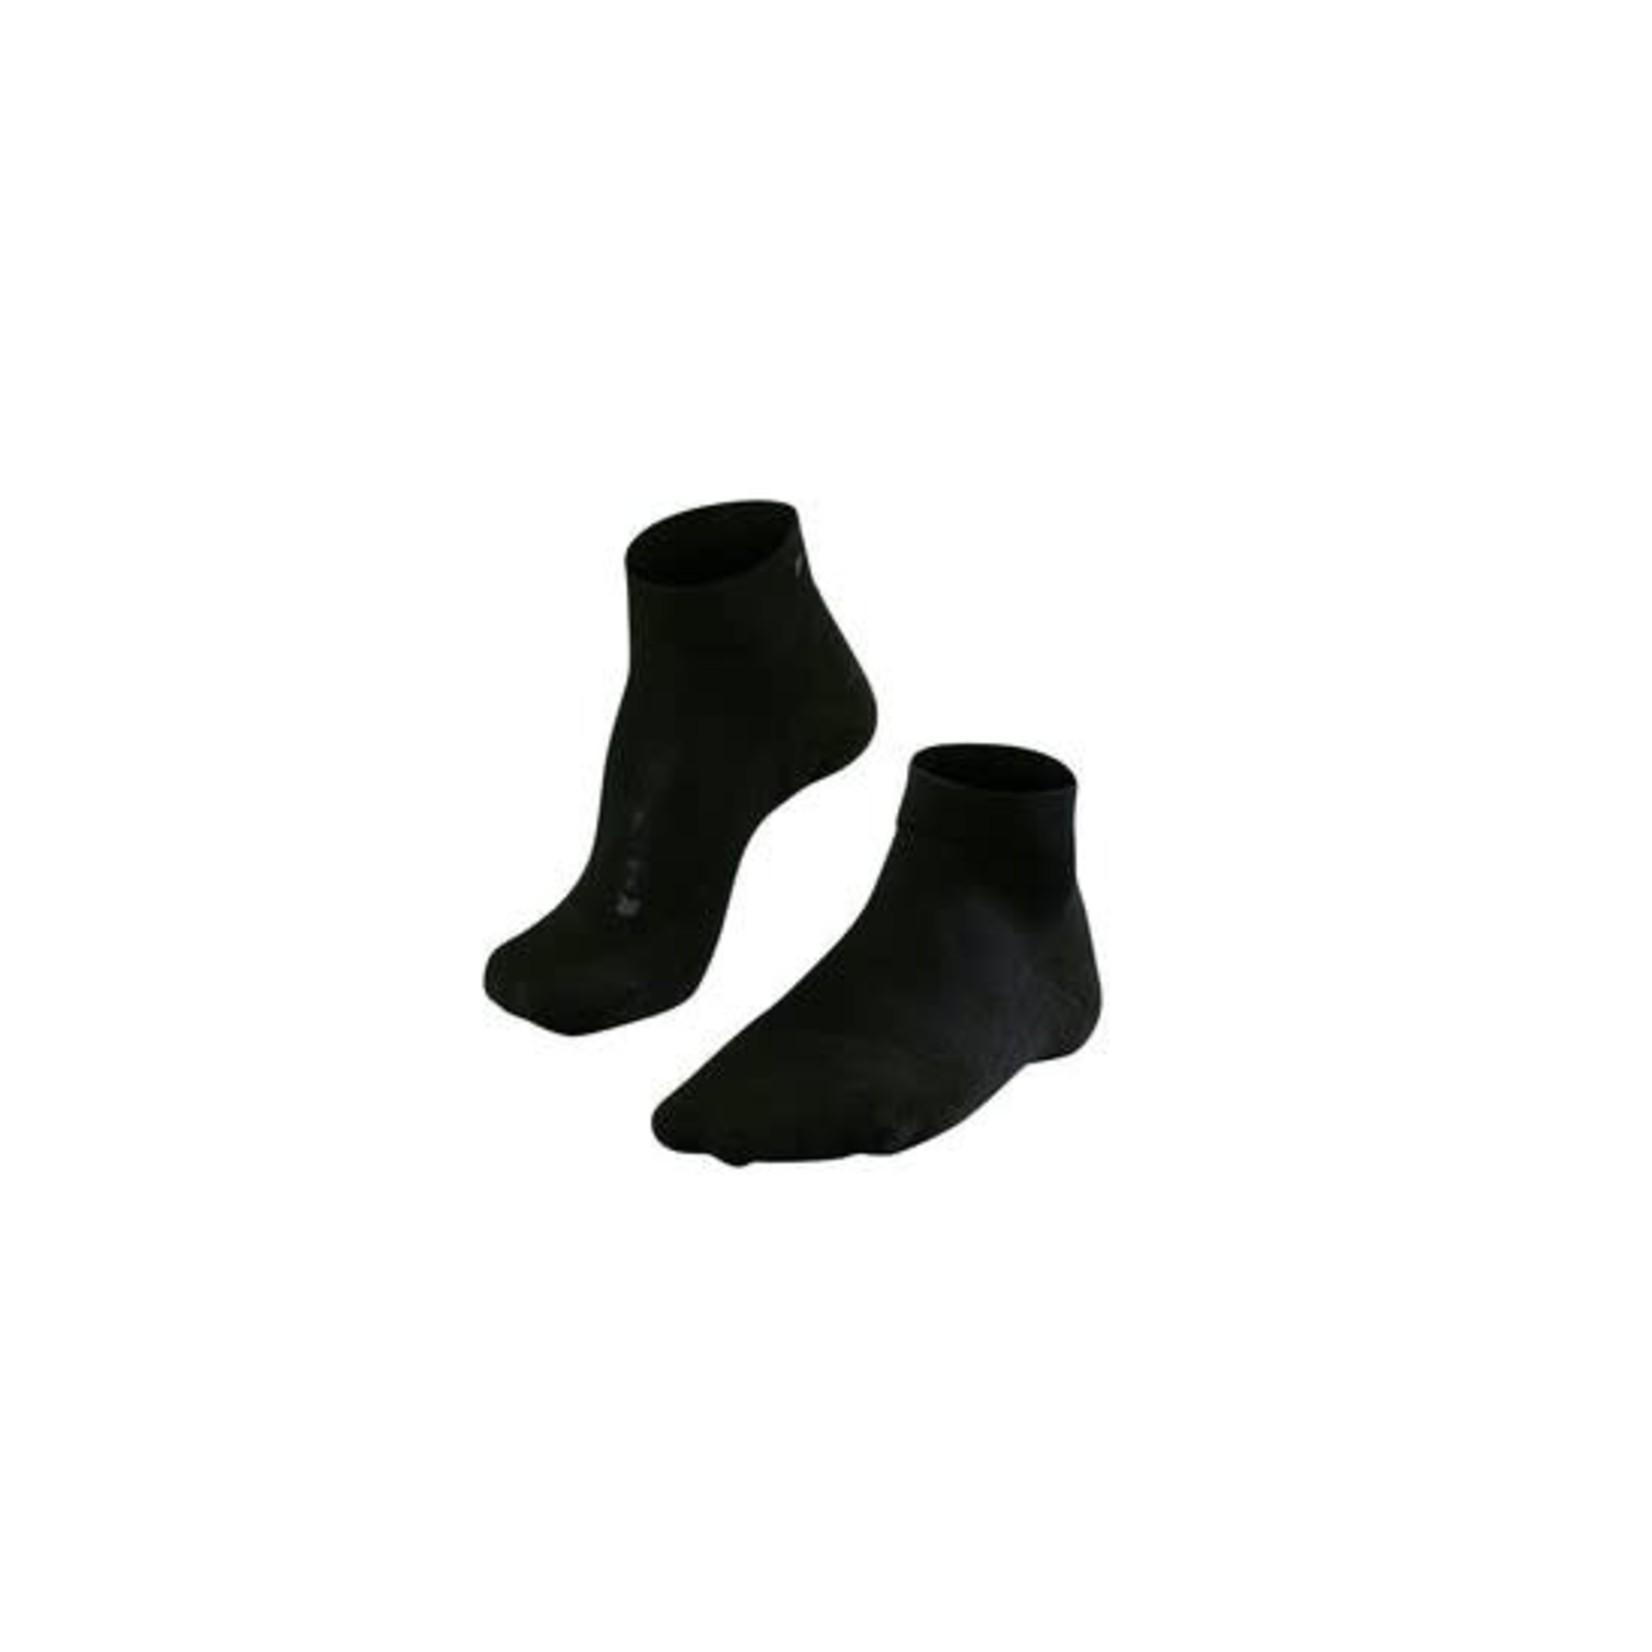 Falke Falke GO2 Short Black (MENS) 1 paar